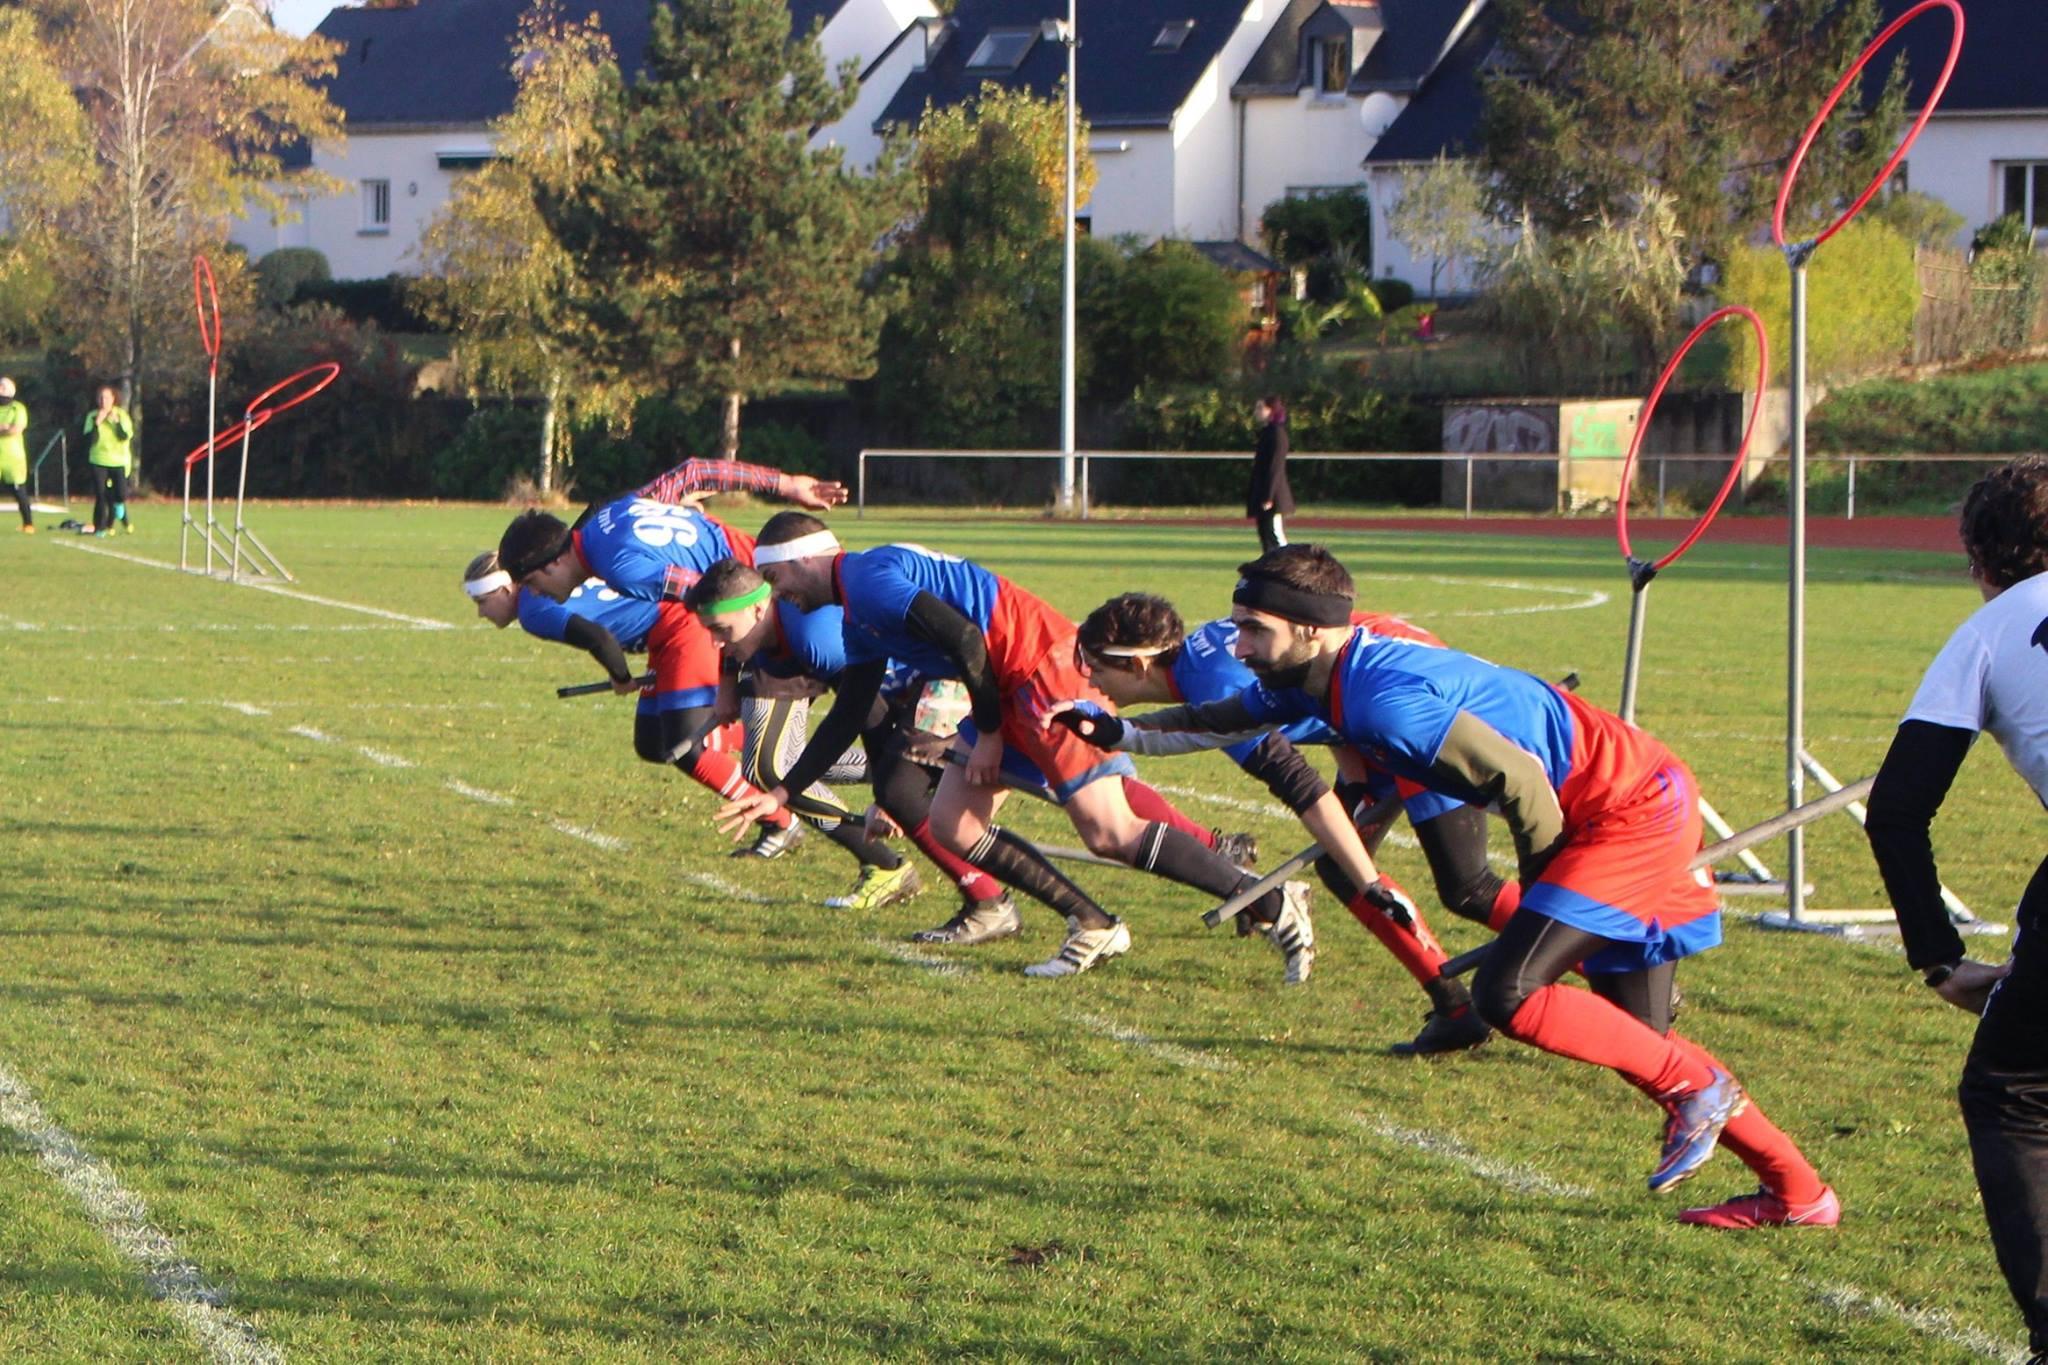 Compte rendu : la troisième Coupe de France de Quidditch